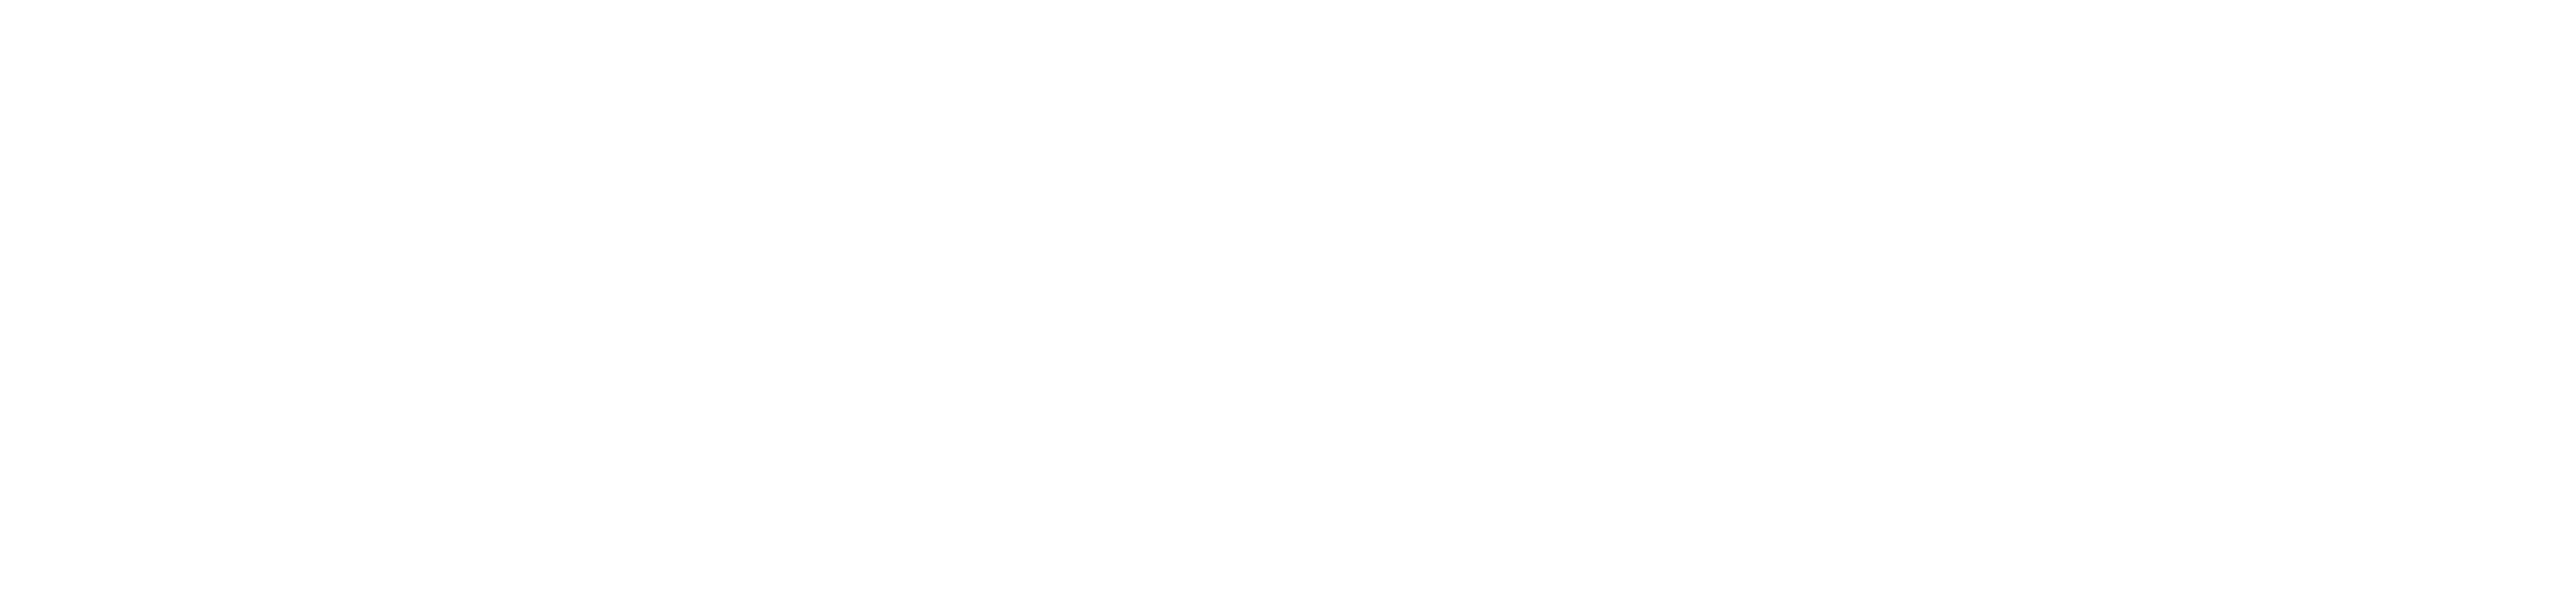 Latestmagazine